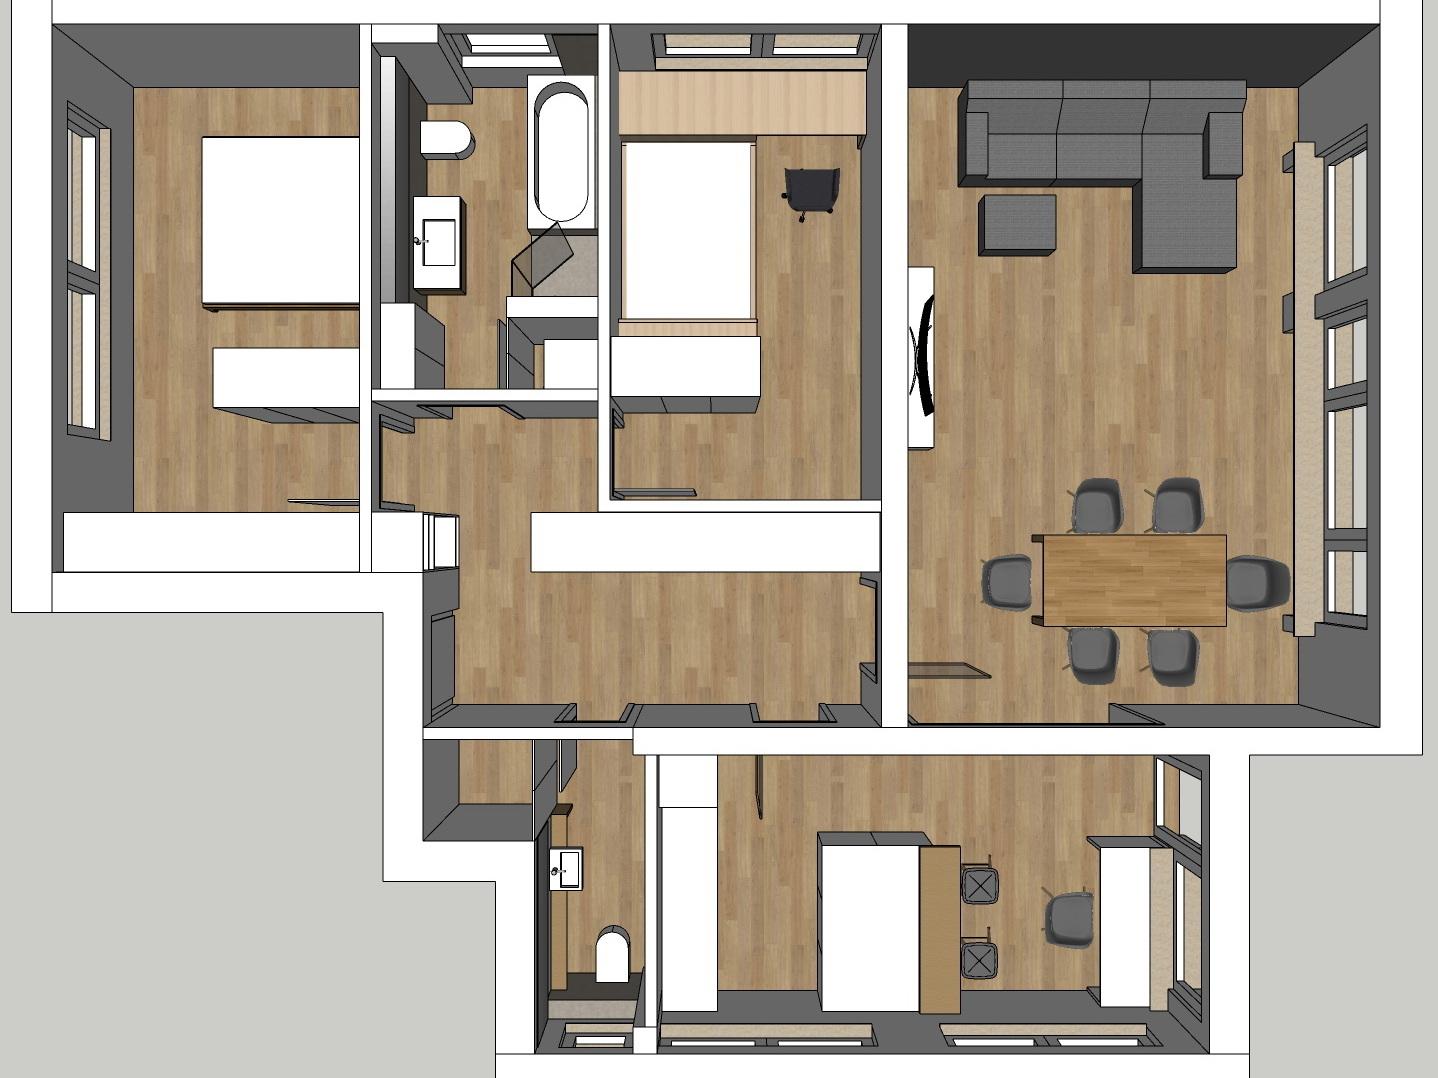 Raumkonzepte Wohnung - Variante 2